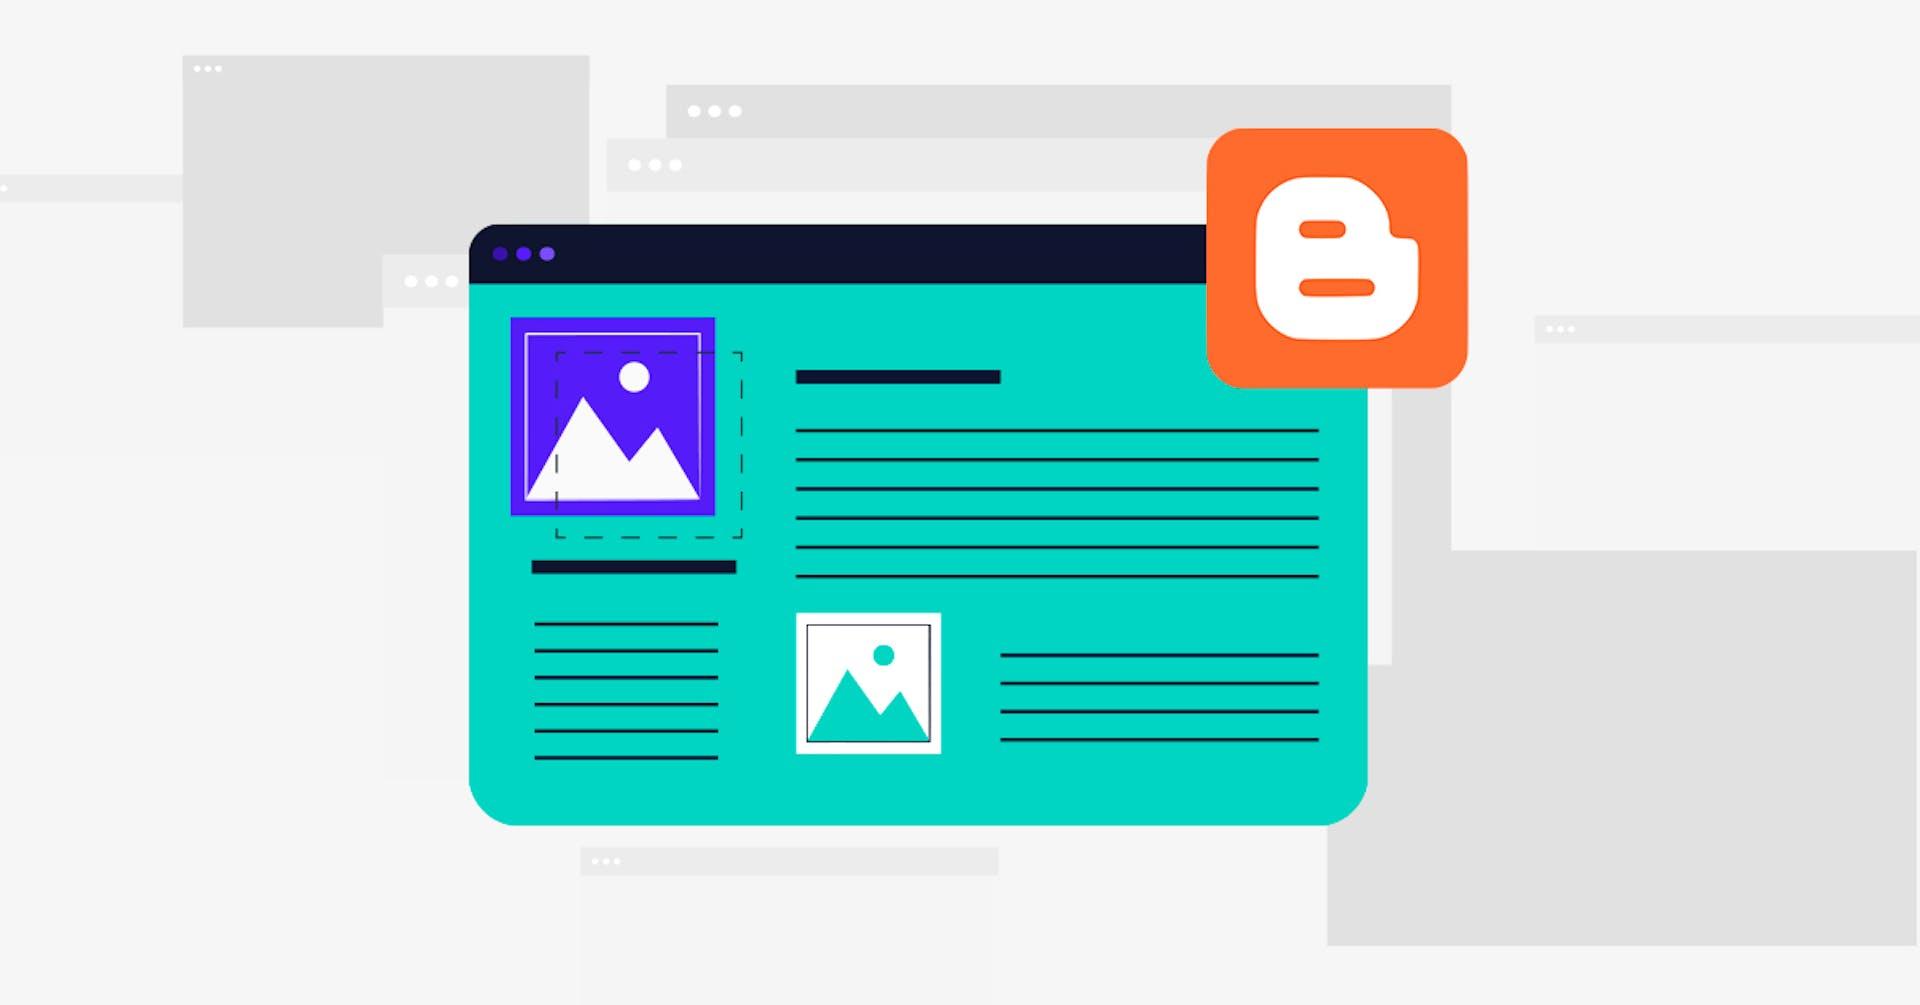 ¿Cómo hacer un blog en Blogger? Créalo y personalízalo en pocos minutos